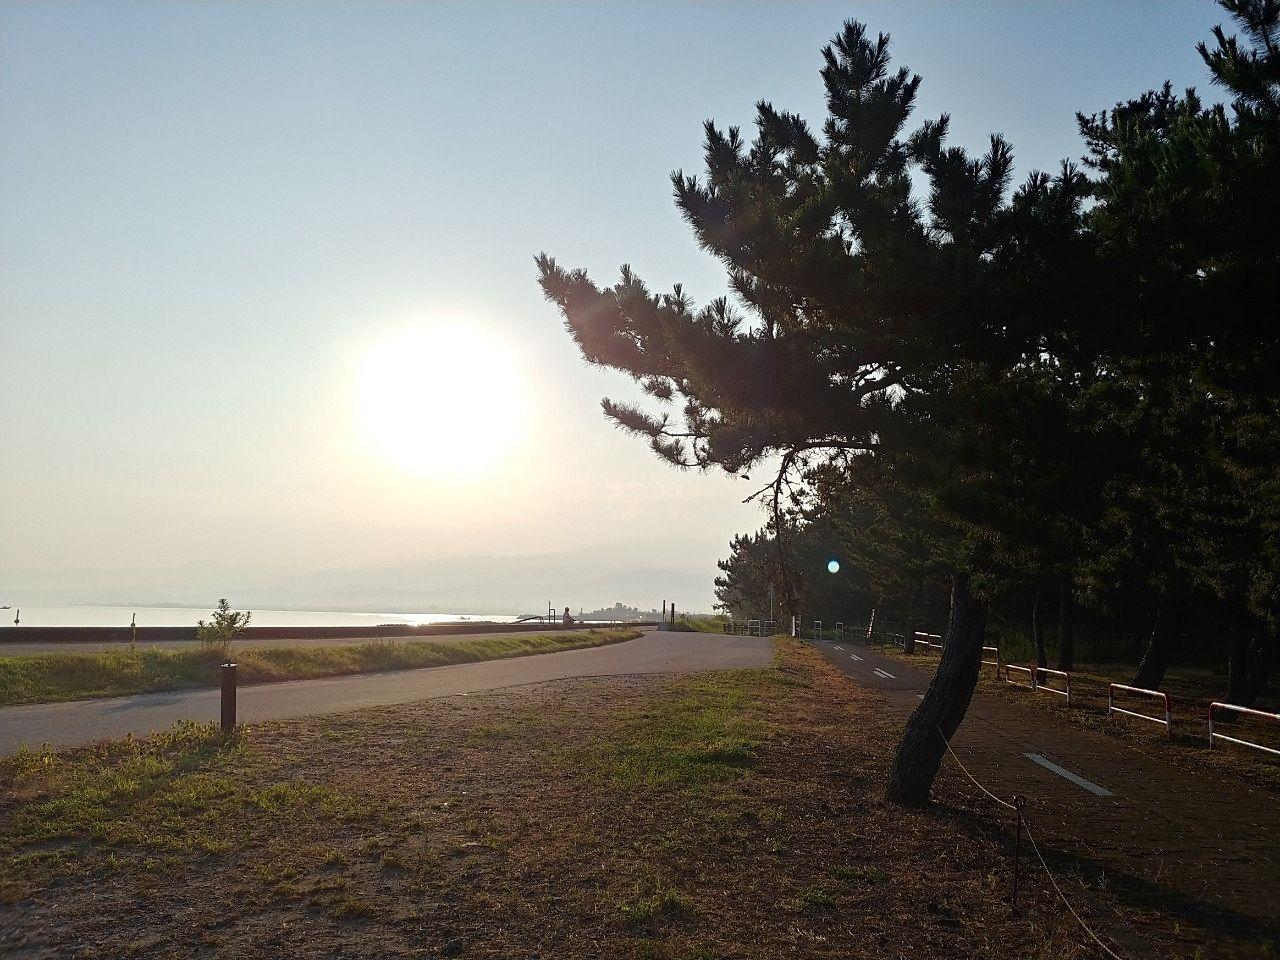 浜黒崎キャンプ場で朝を迎えました